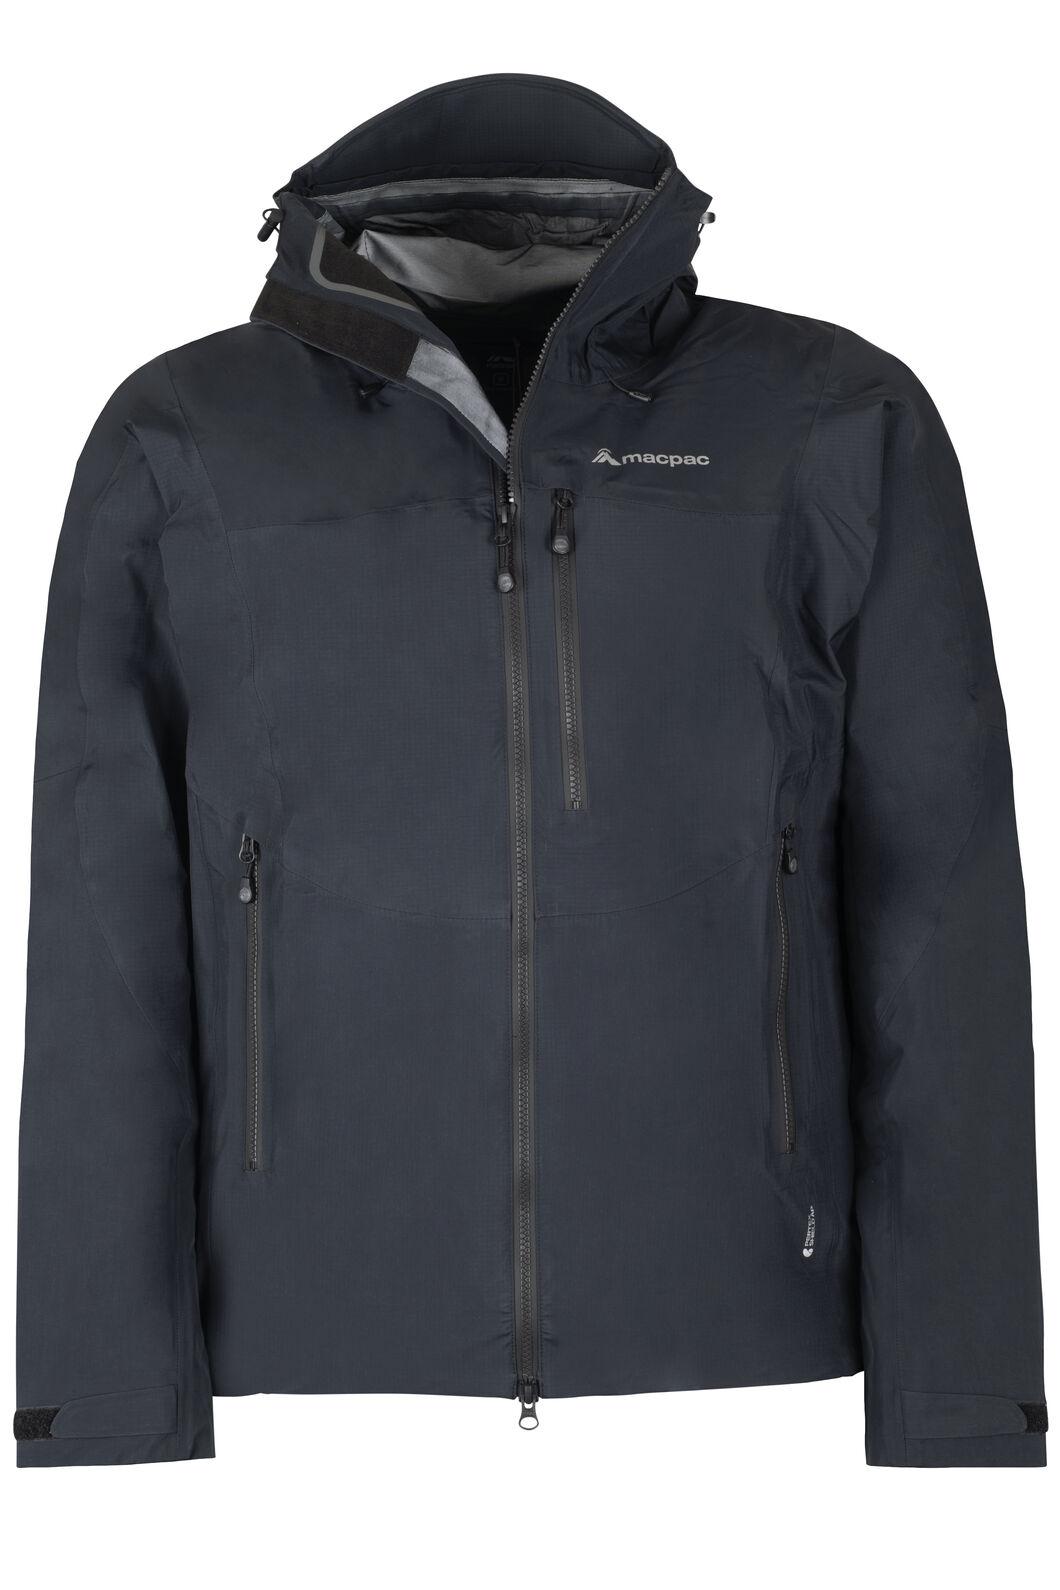 5d9ec3001 Lightweight Prophet Rain Jacket - Men s